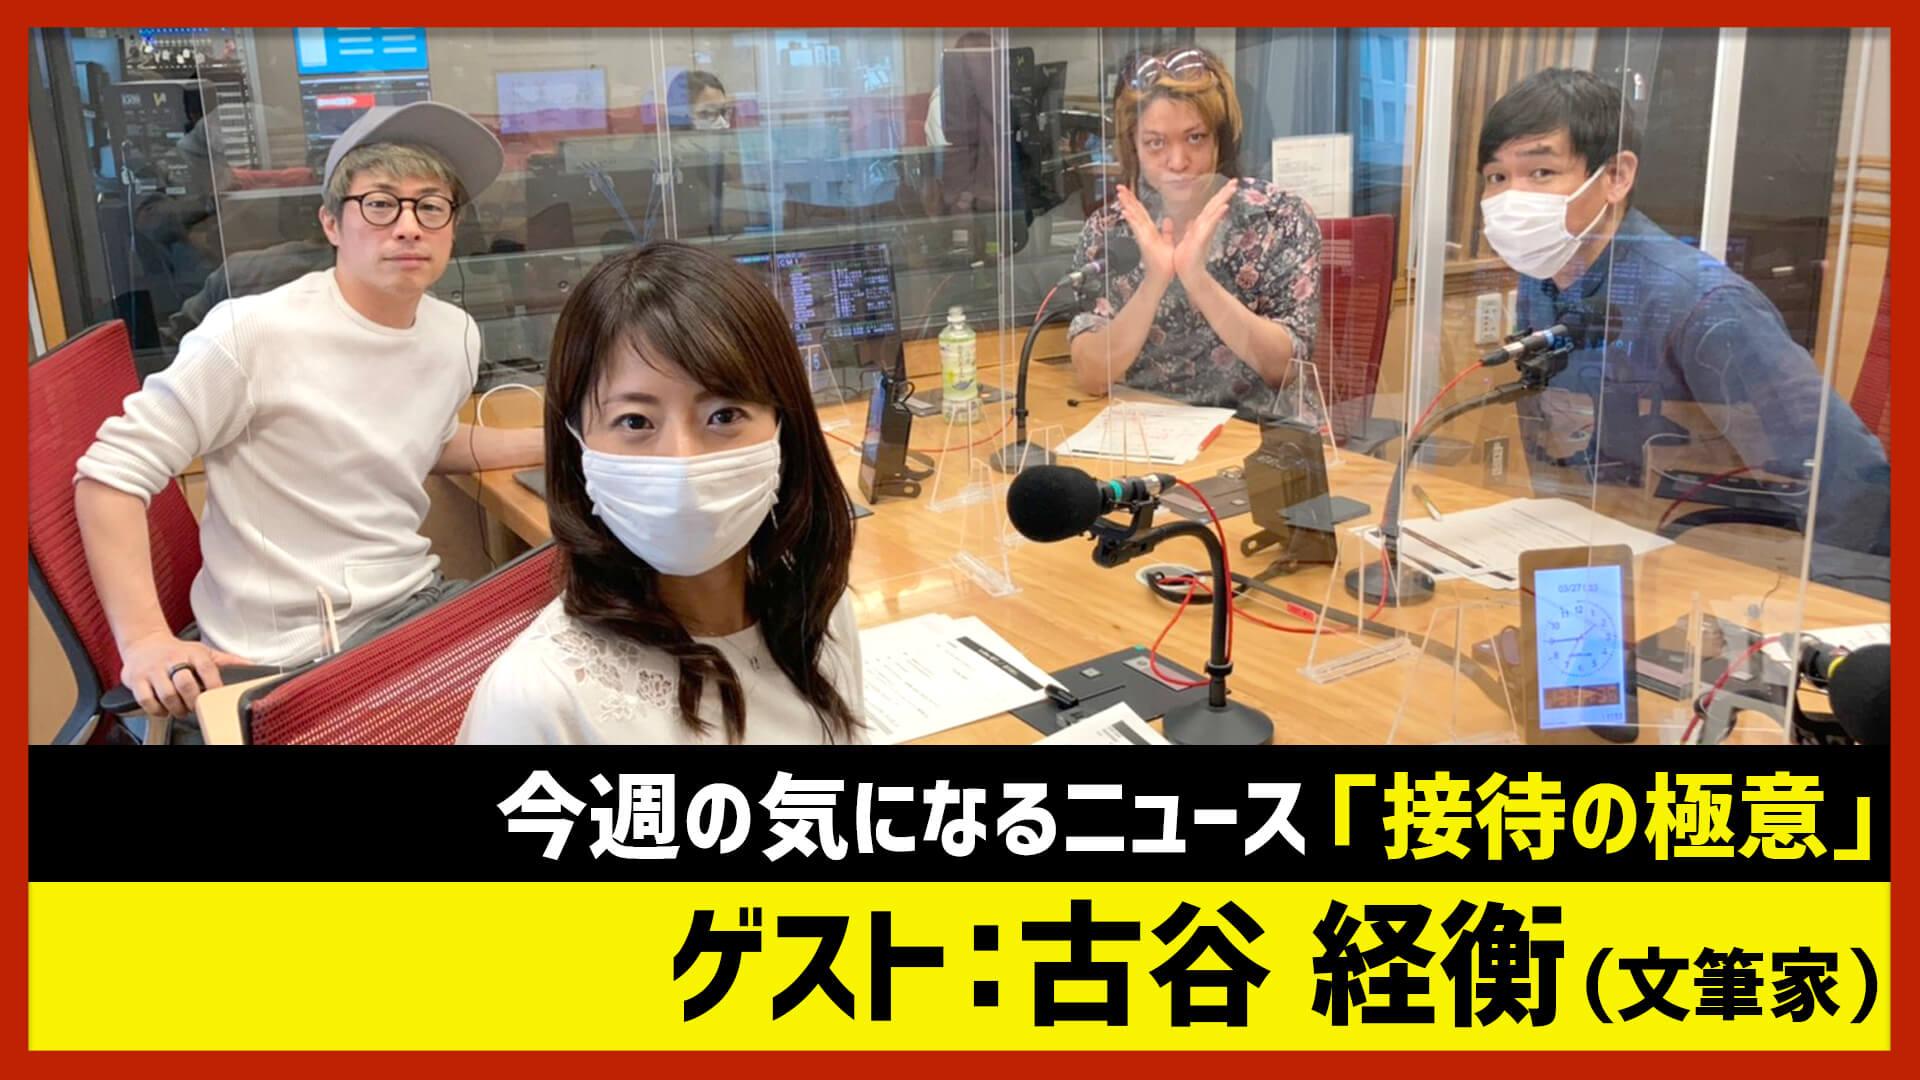 【田村淳のNewsCLUB】ゲスト: 古谷経衡さん(2021年3月27日前半)